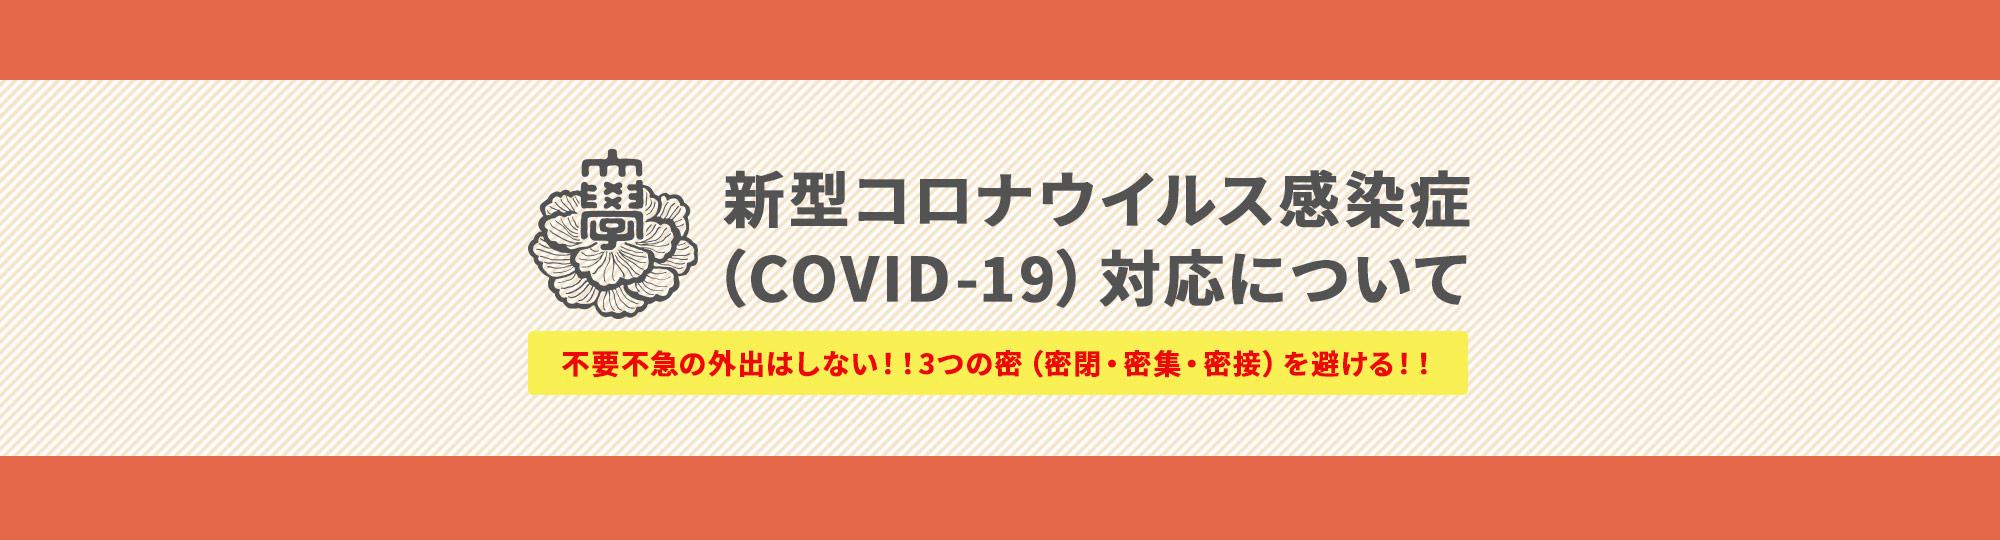 新型コロナウイルス感染症(COVID-19)対応について